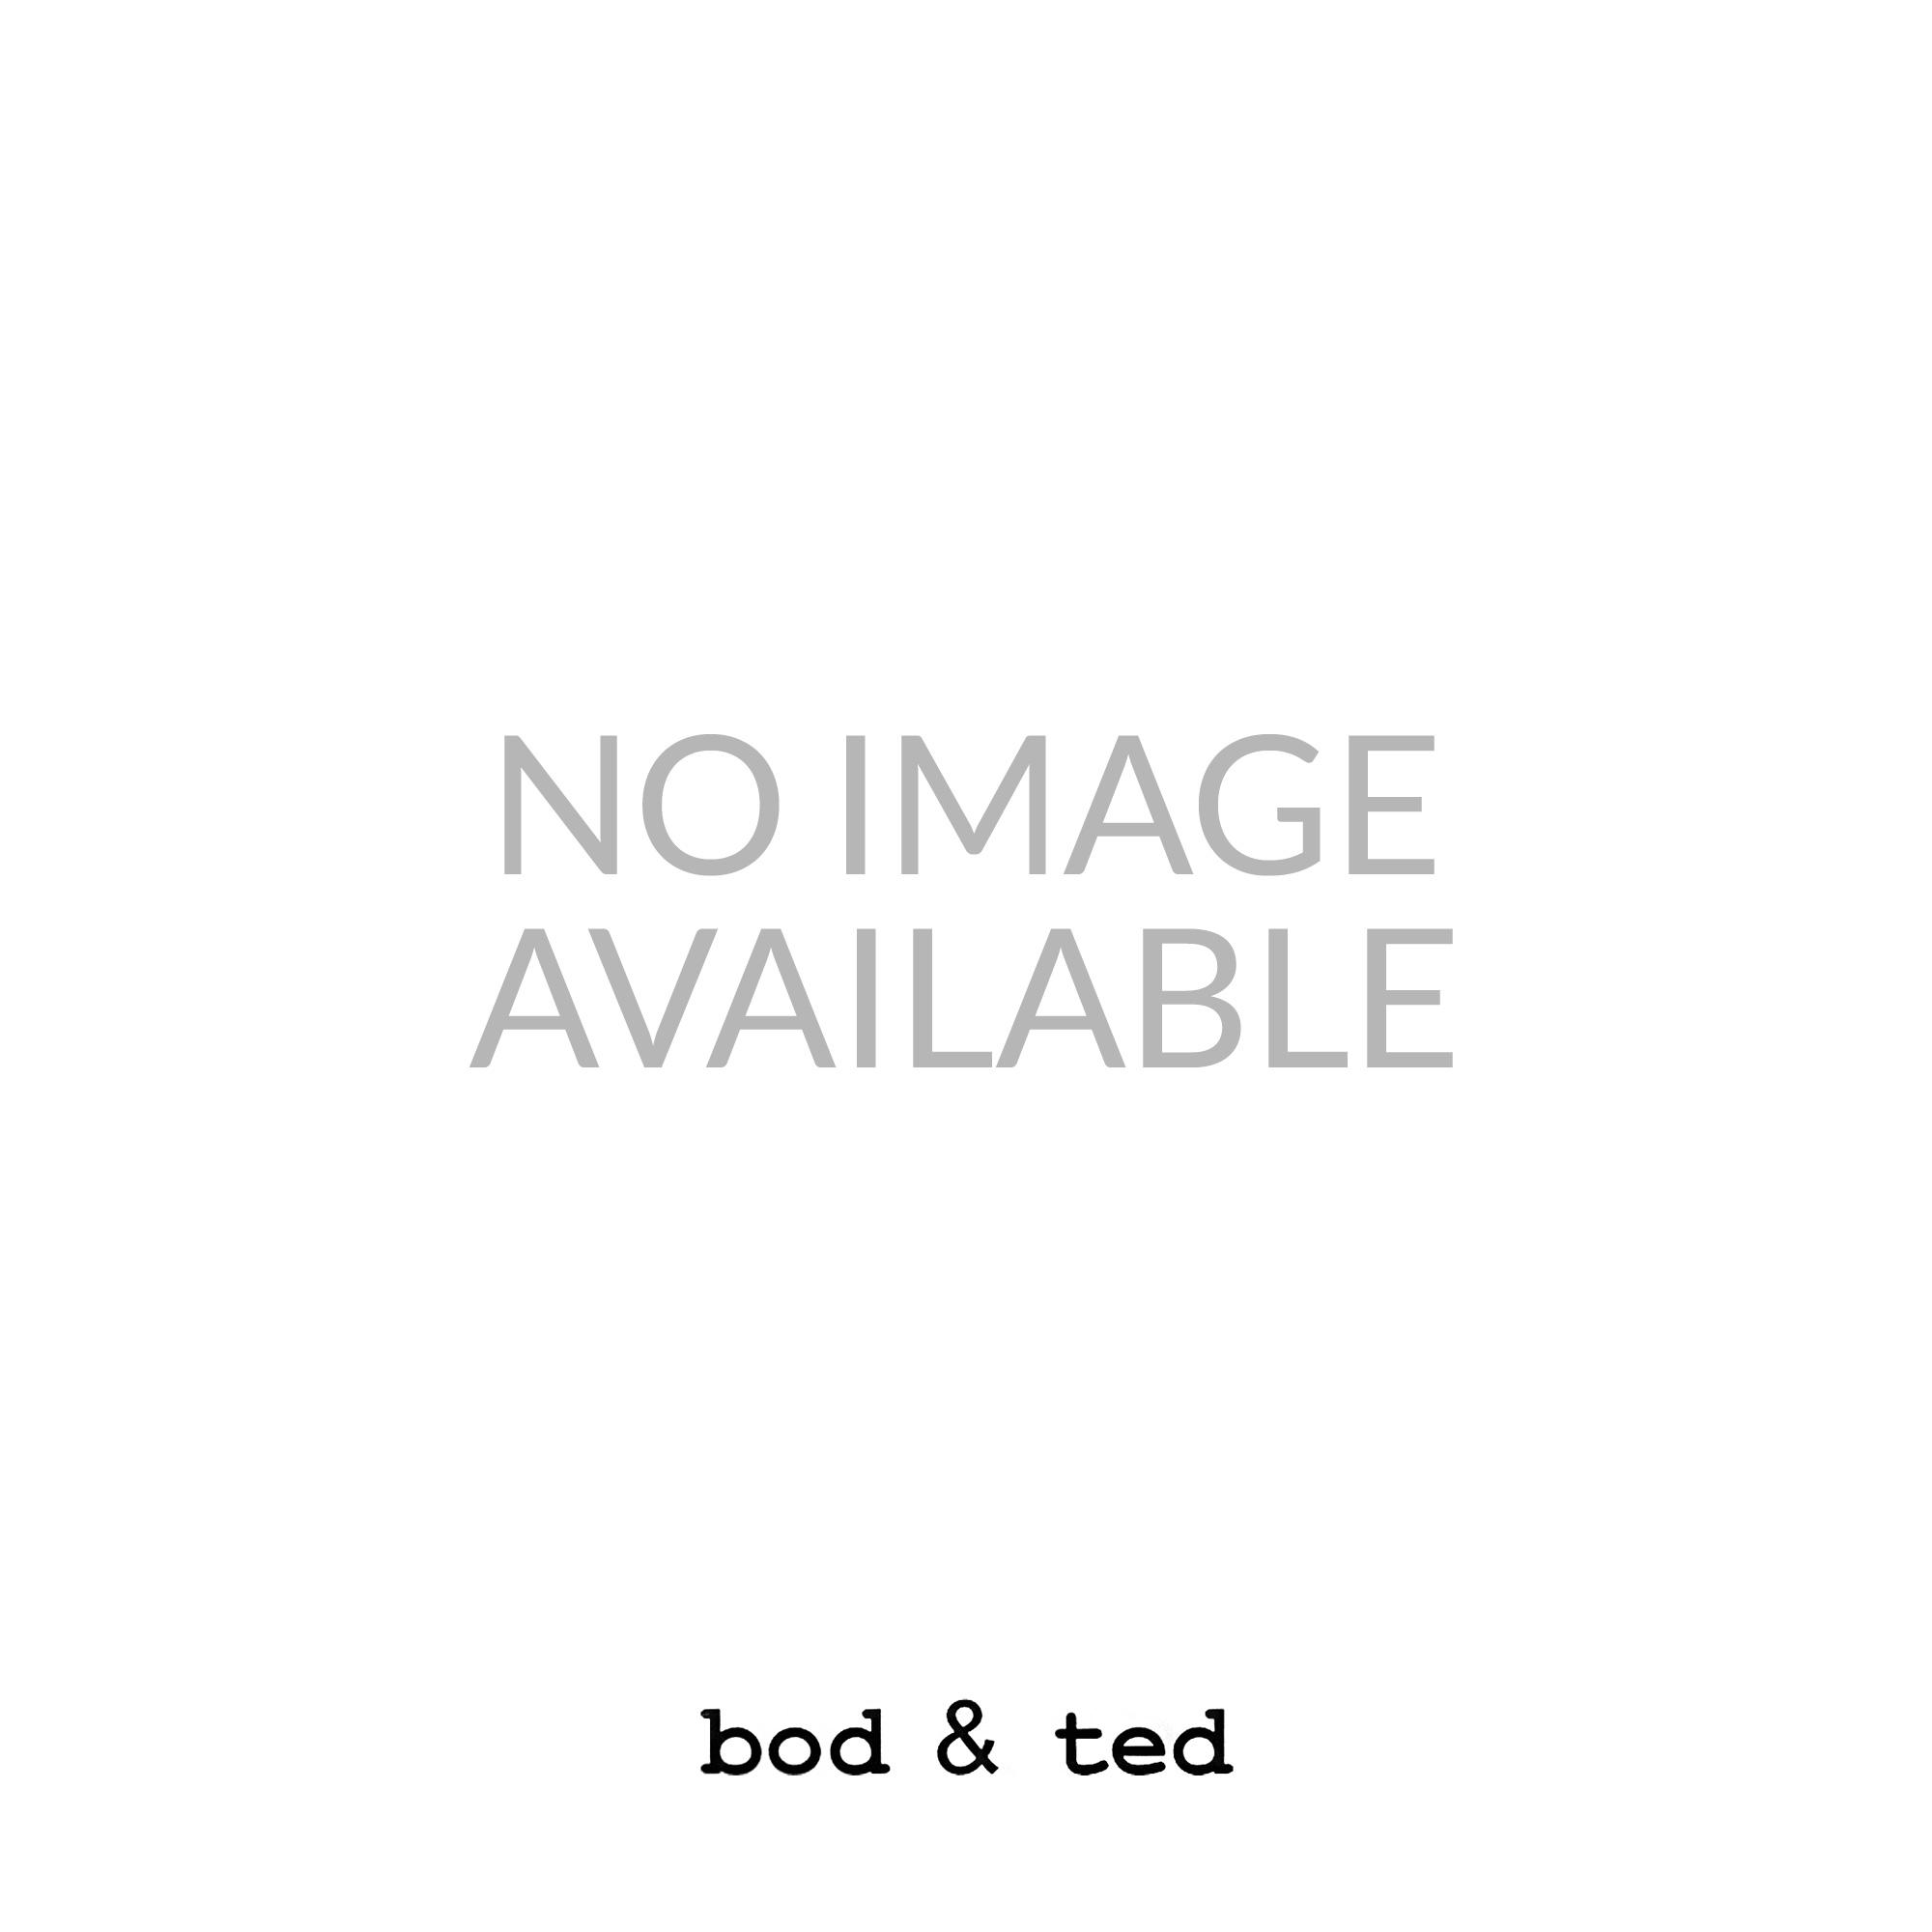 3af23846ba Maison Labiche Clothing | Maison Labiche | bod & ted